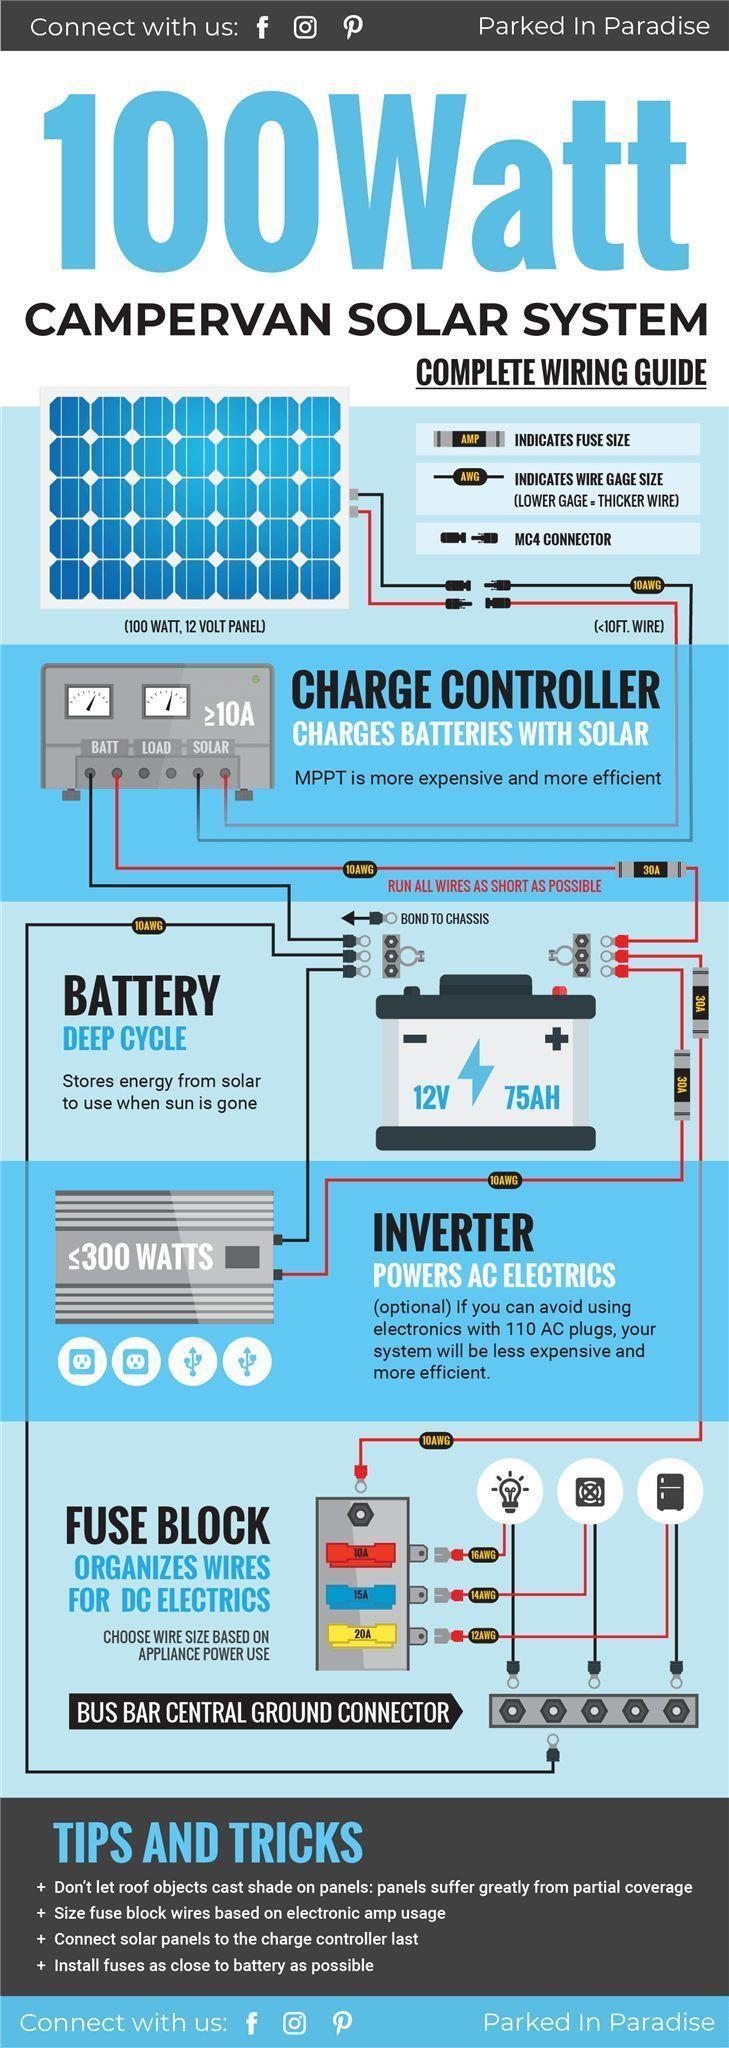 Solarpanel Rechner Und Diy Schaltplane Rechner Schaltplane Solarpanel Vanlife Aurinkoenergia Pakettiauto